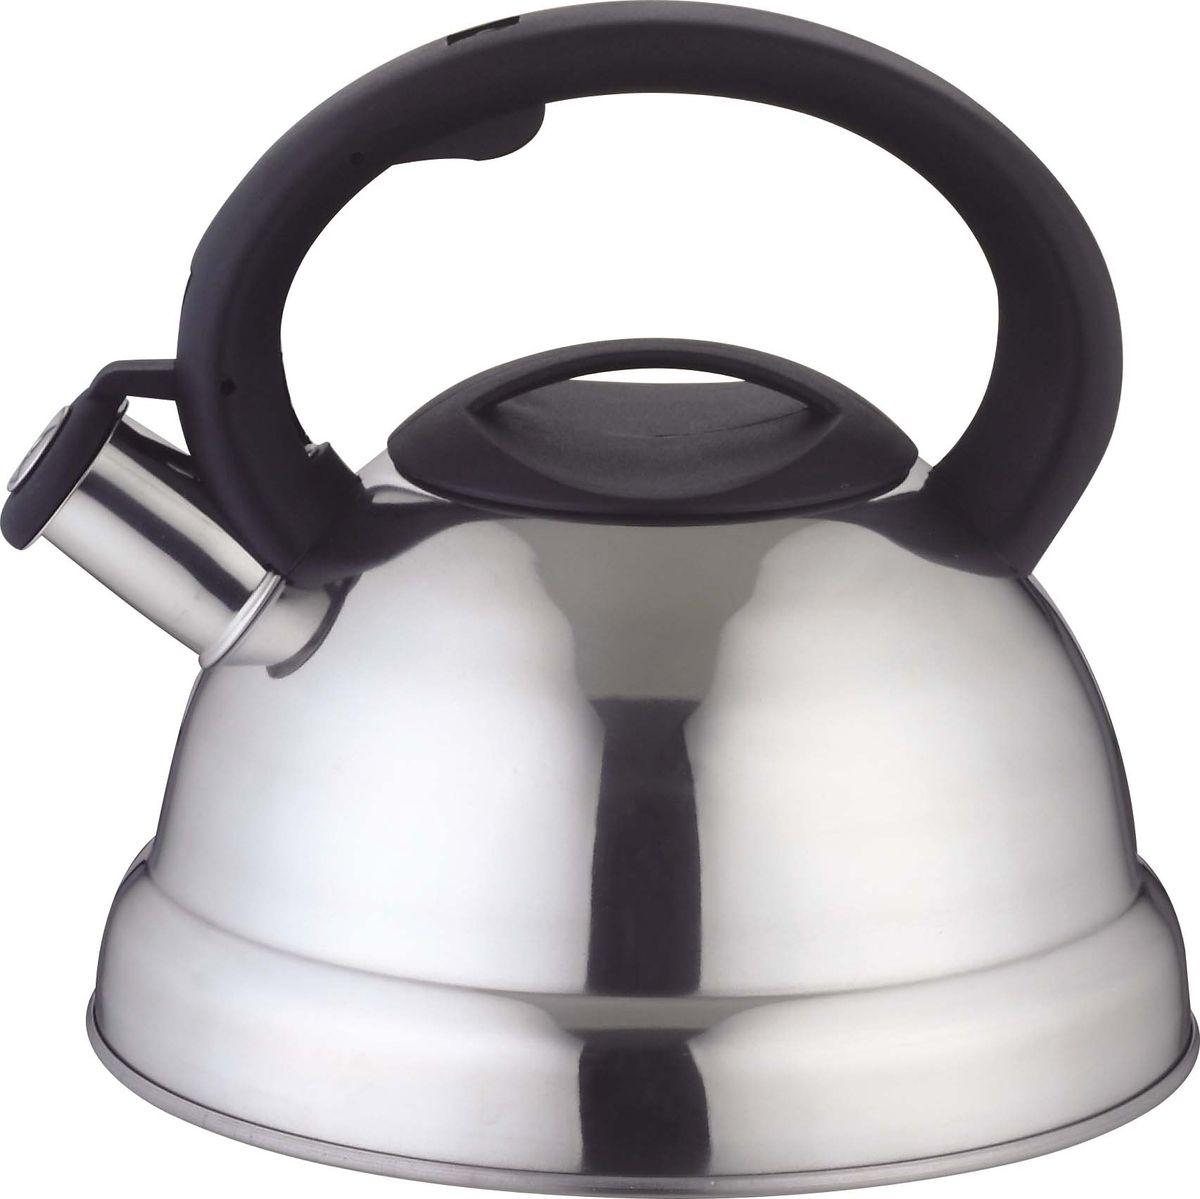 Чайник Bekker De Luxe, металлический, 2,8 л. BK-S614 чайник bekker de luxe металлический 2 8 л bk s614